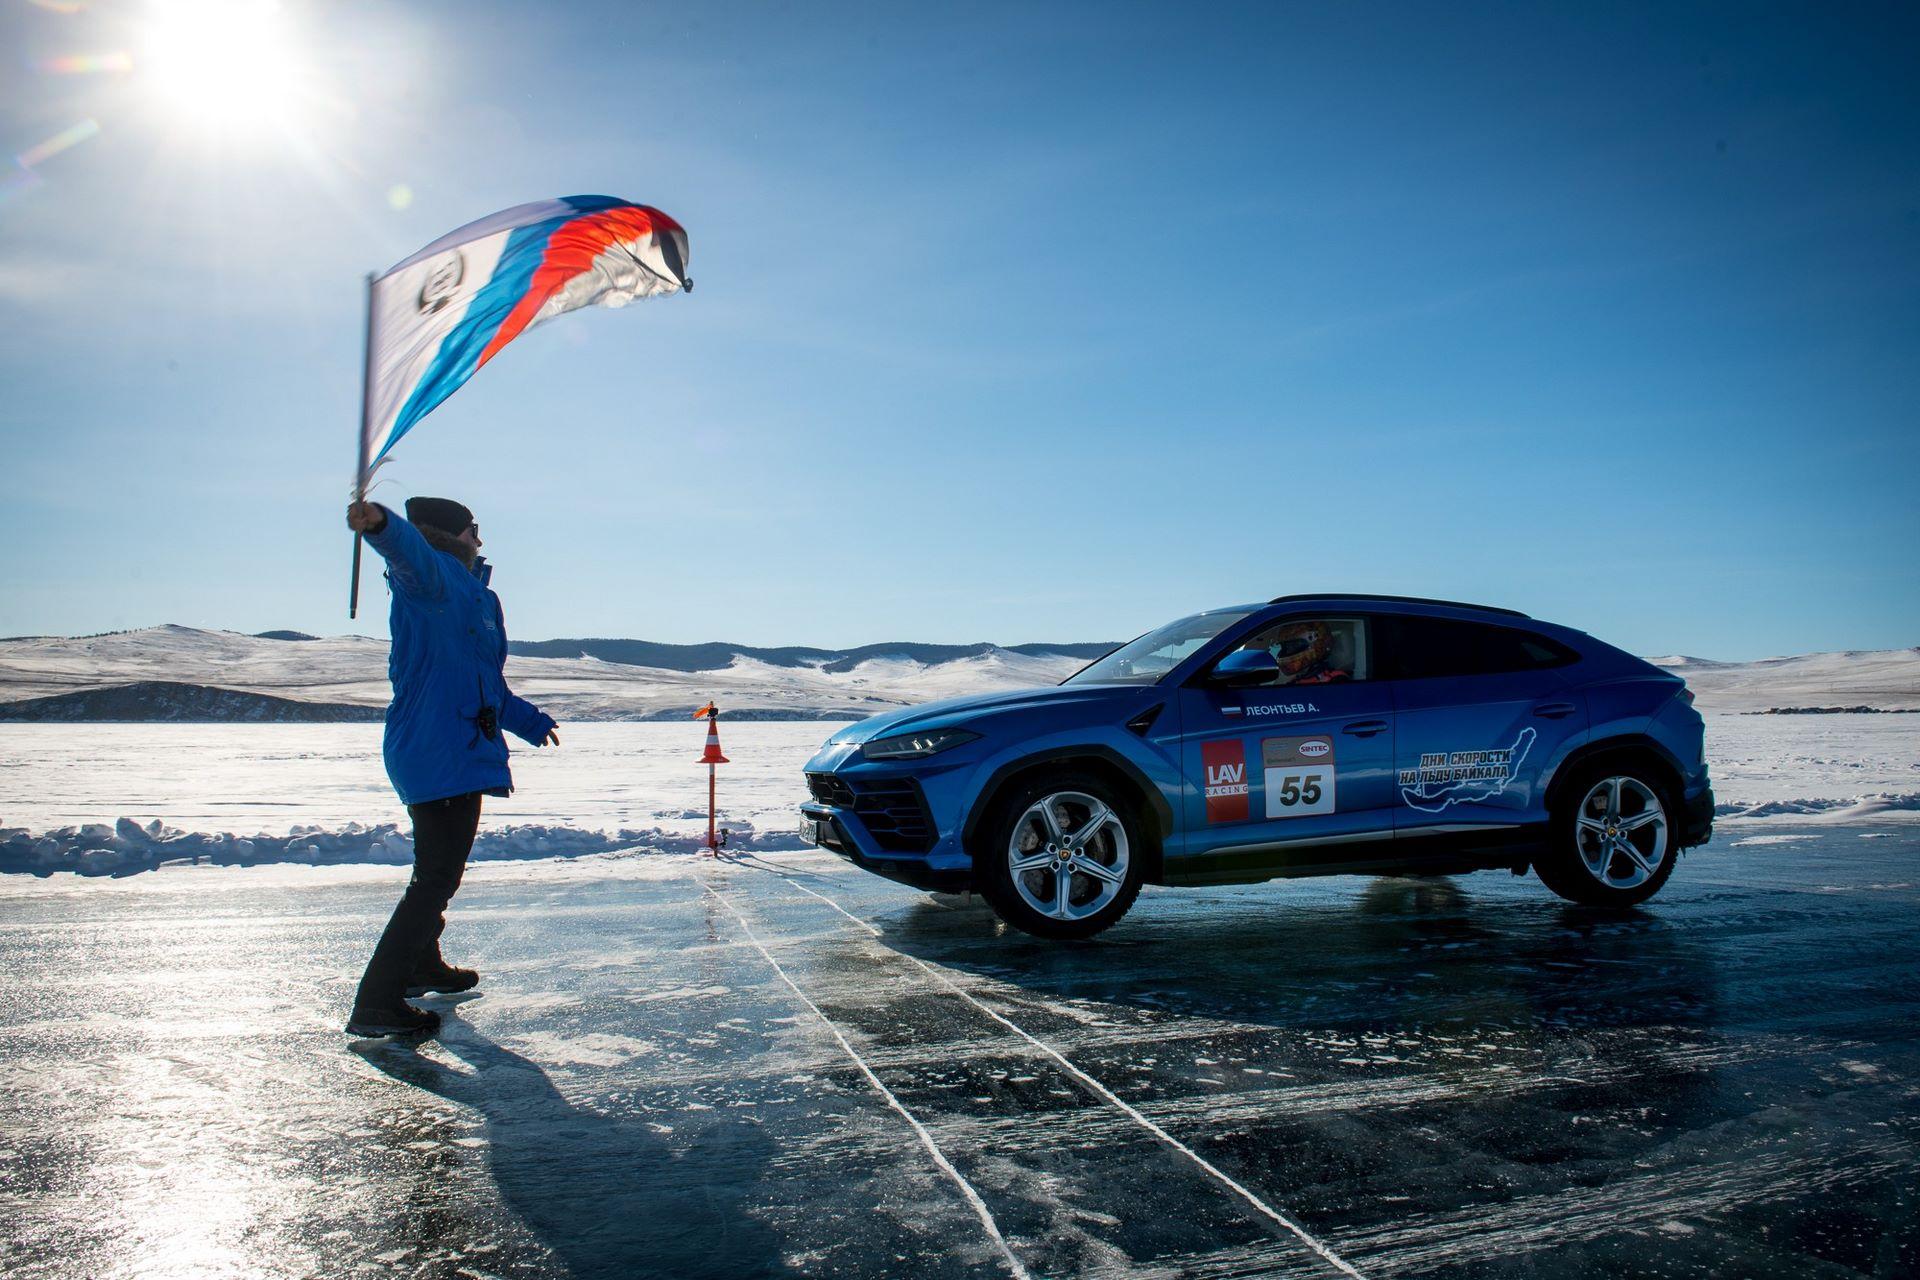 Lamborghini-Urus-Ice-Speed-Record-9